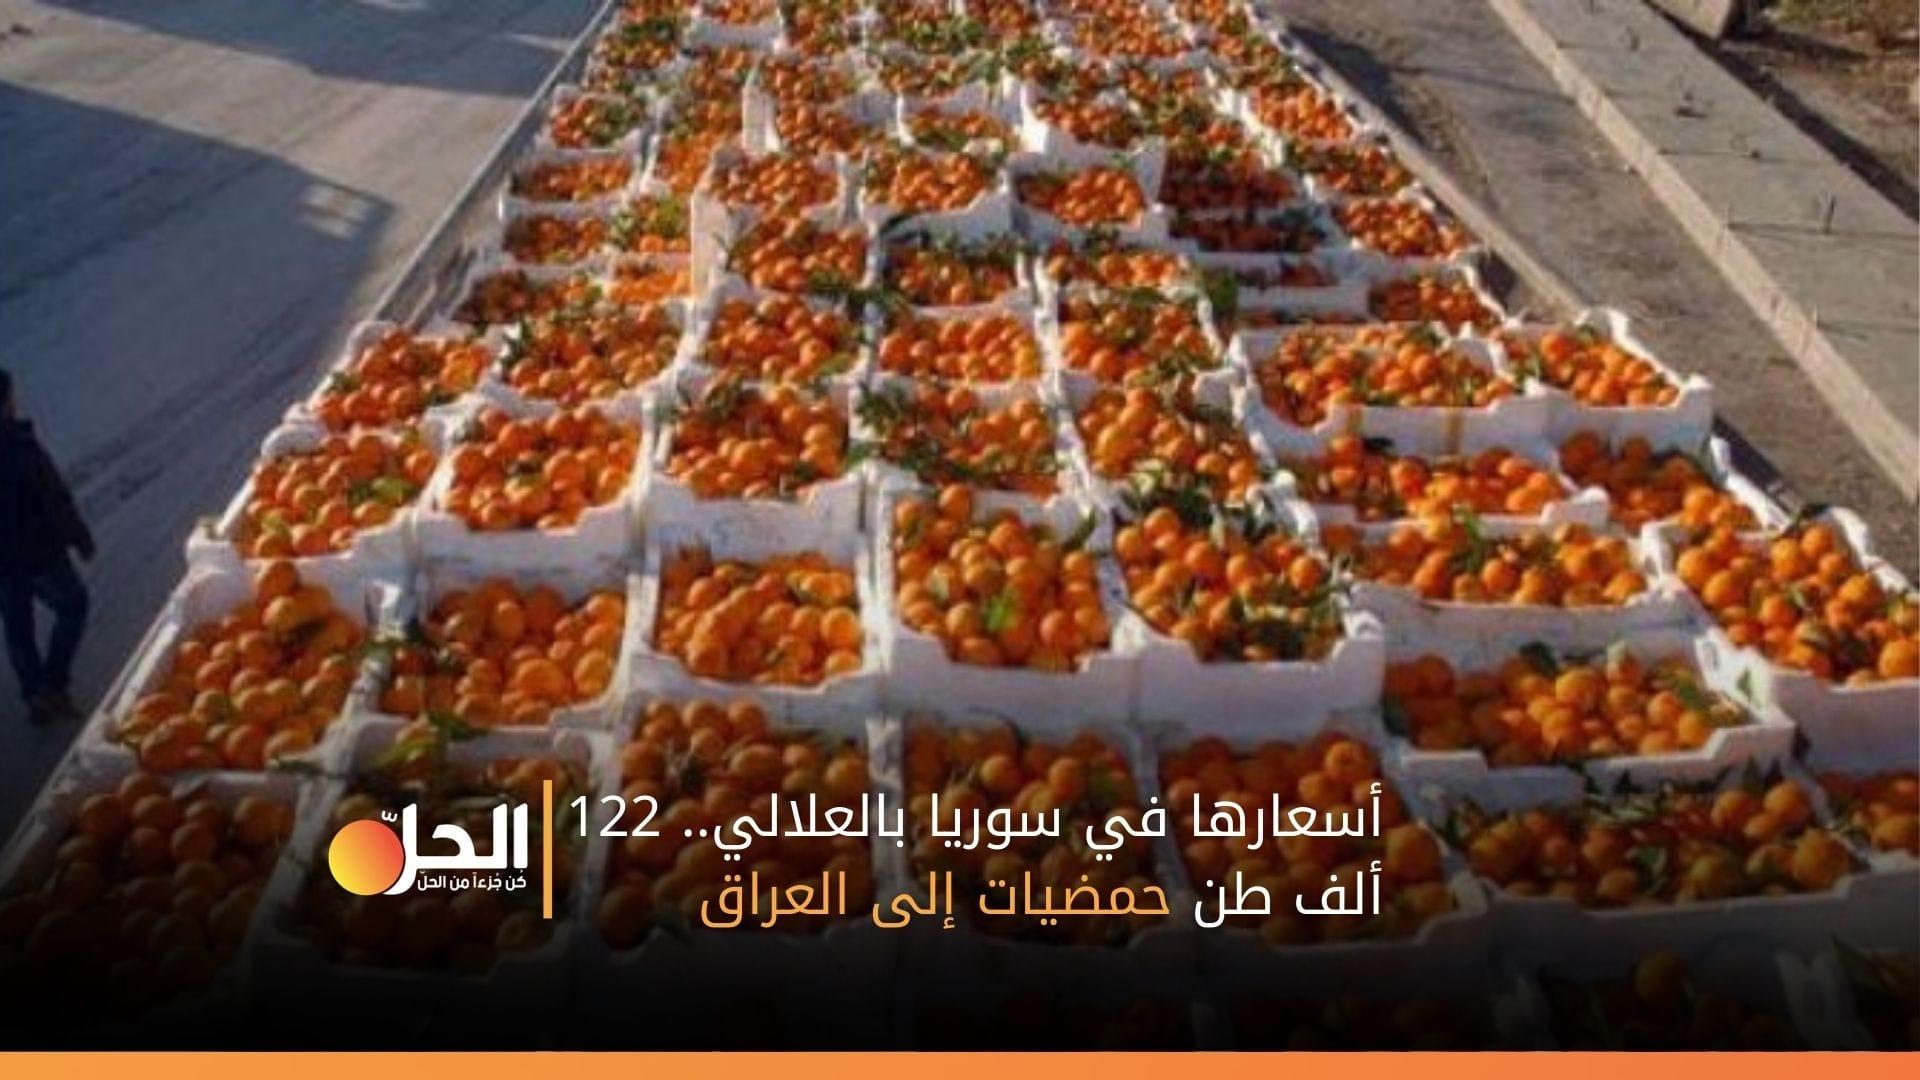 أسعارها في سوريا بالعلالي.. 122 ألف طن حمضيات إلى العراق